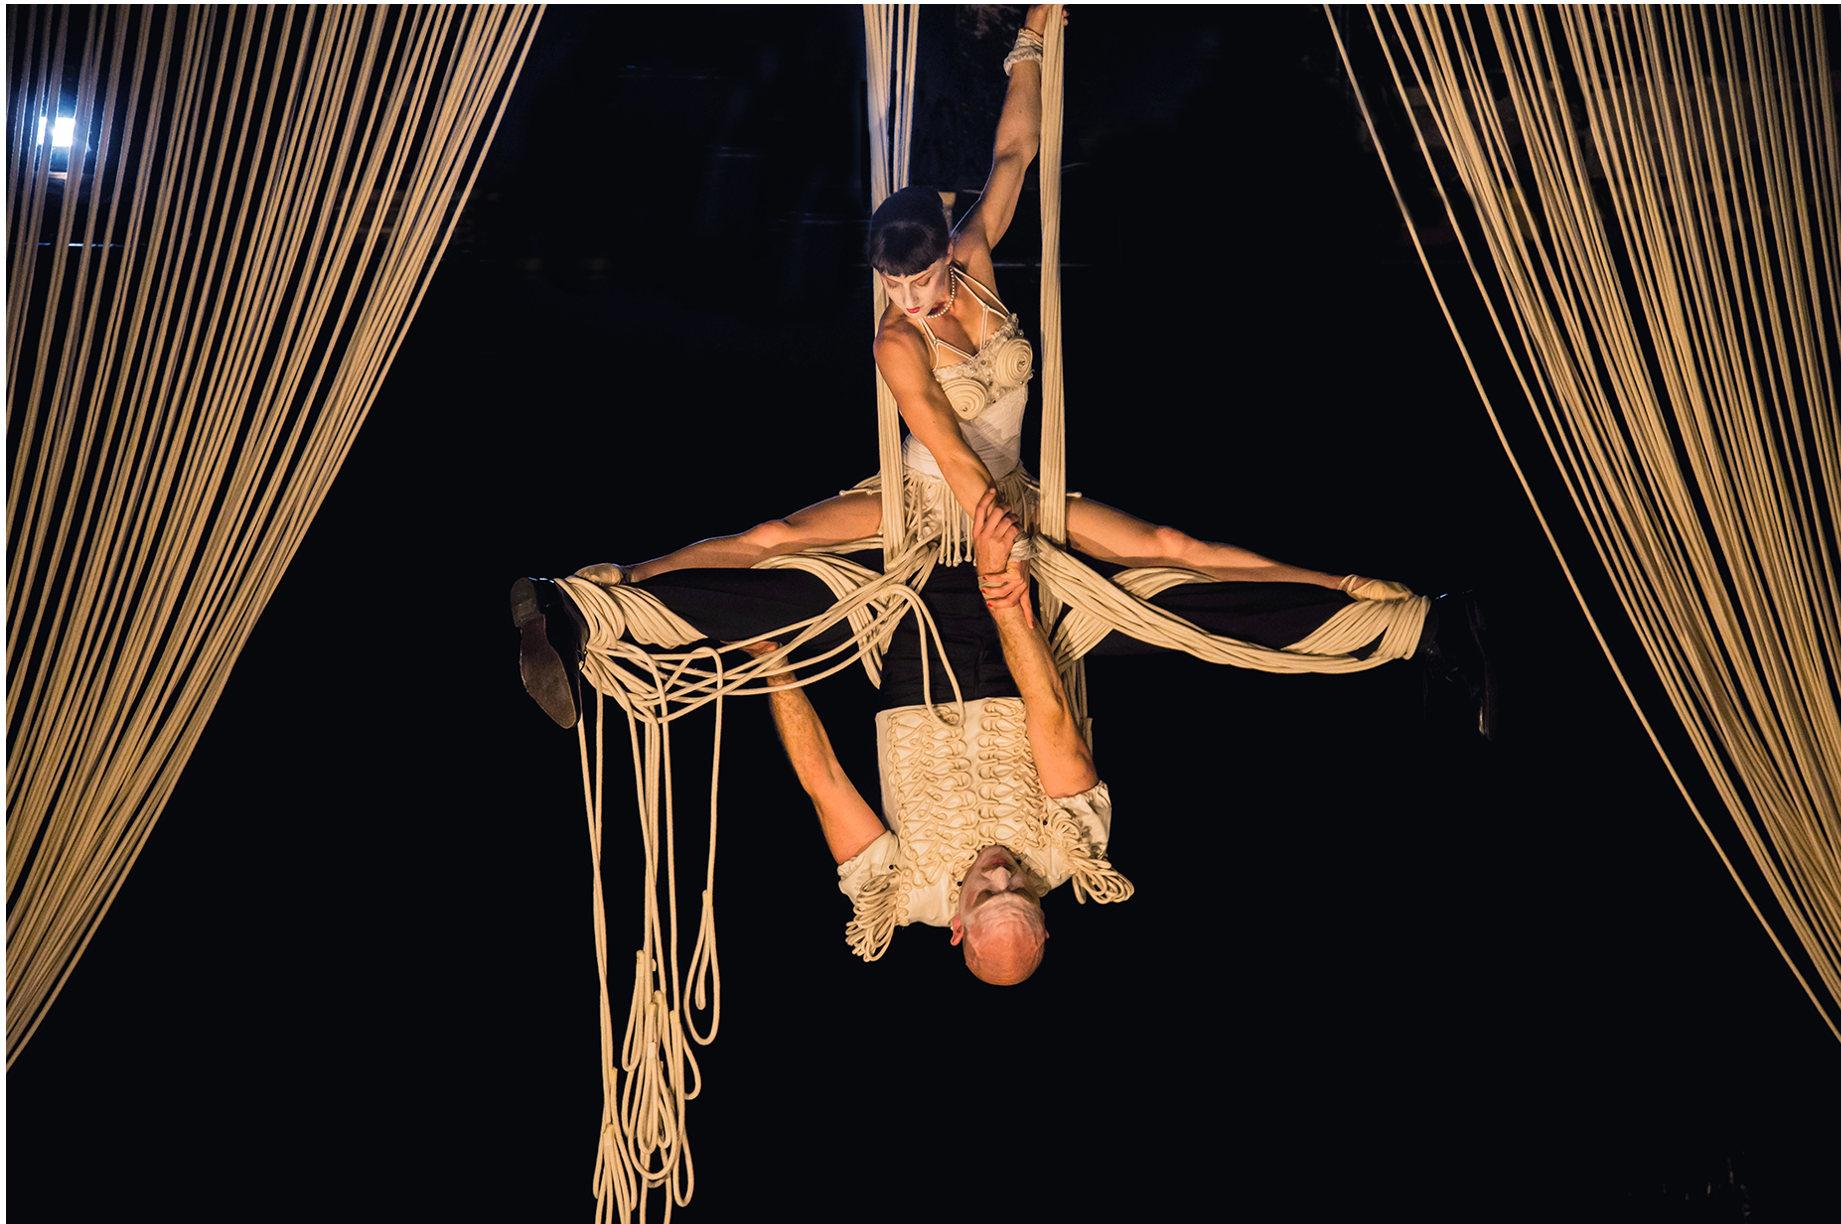 Circo Pitanga